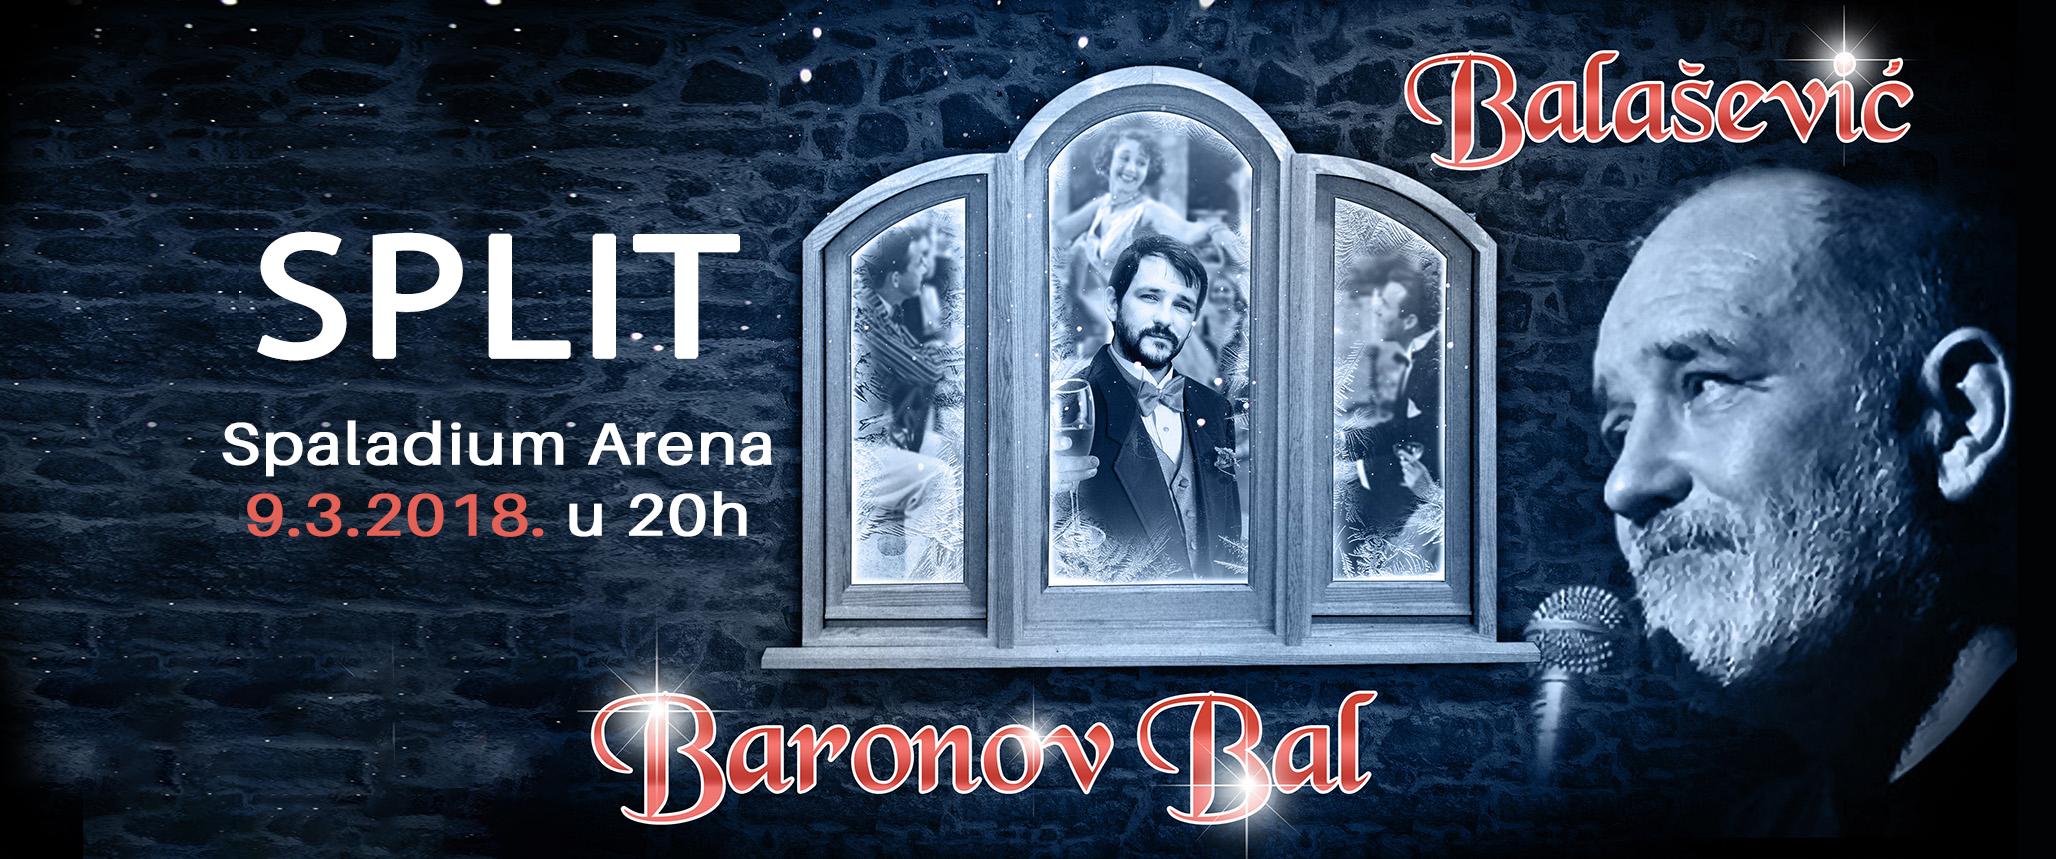 Baronov Bal u Splitu